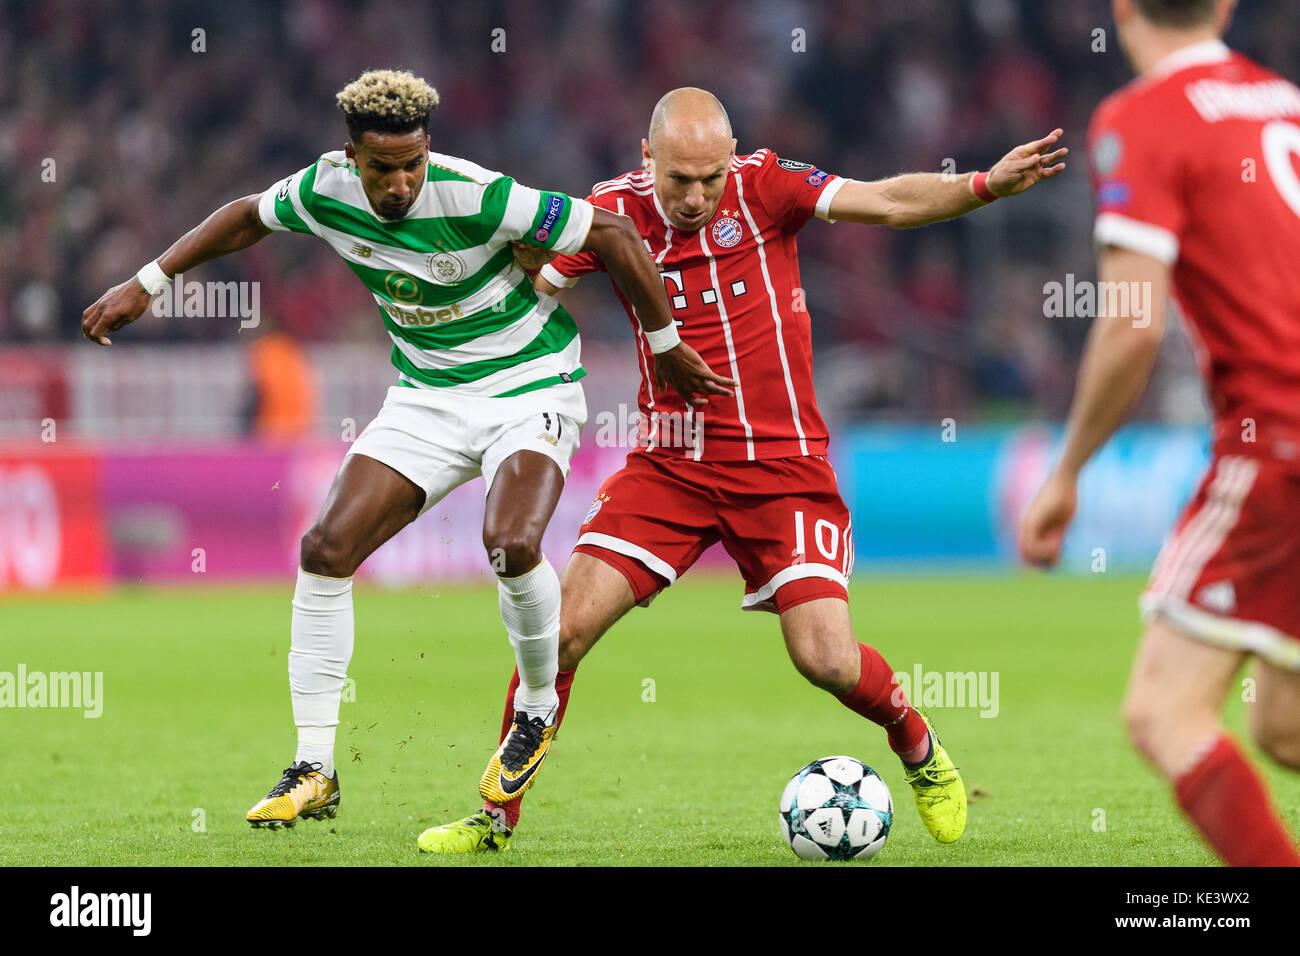 Muenchen, Deutschland. 18th Oct, 2017. Arjen Robben (FCB) im duels with Scott Sinclair (Glasgow). GES/ Fussball/ - Stock Image